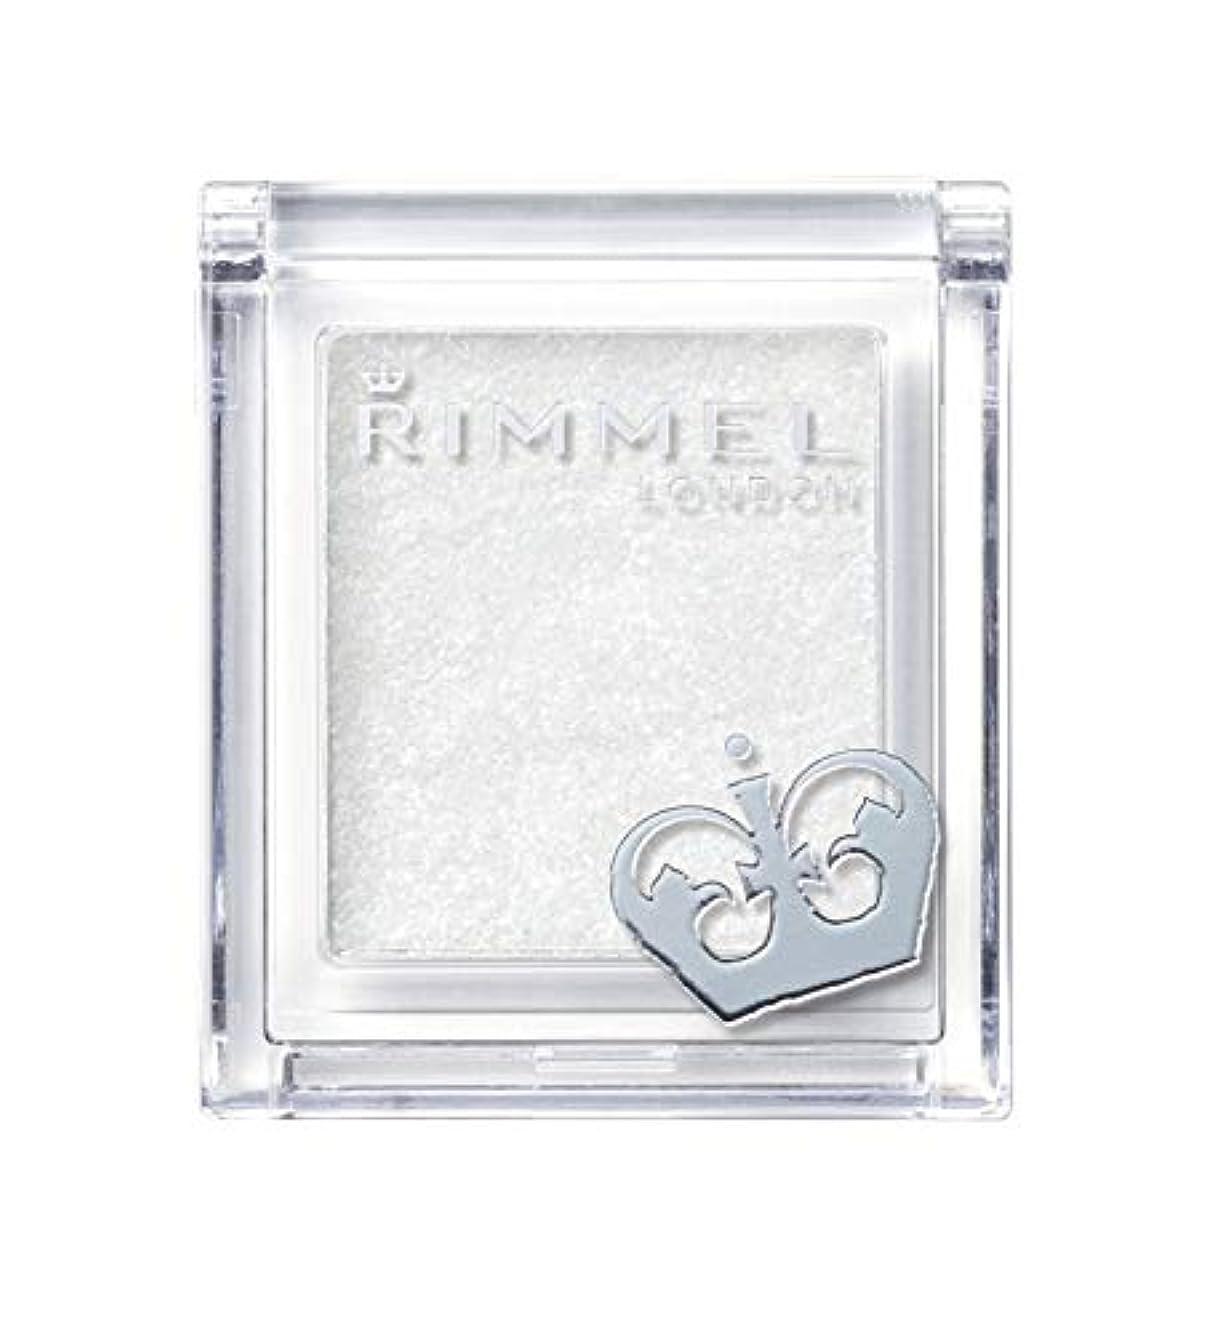 免除する人工群集リンメル プリズムパウダーアイカラー 001 ダイヤモンドホワイト 1.5g